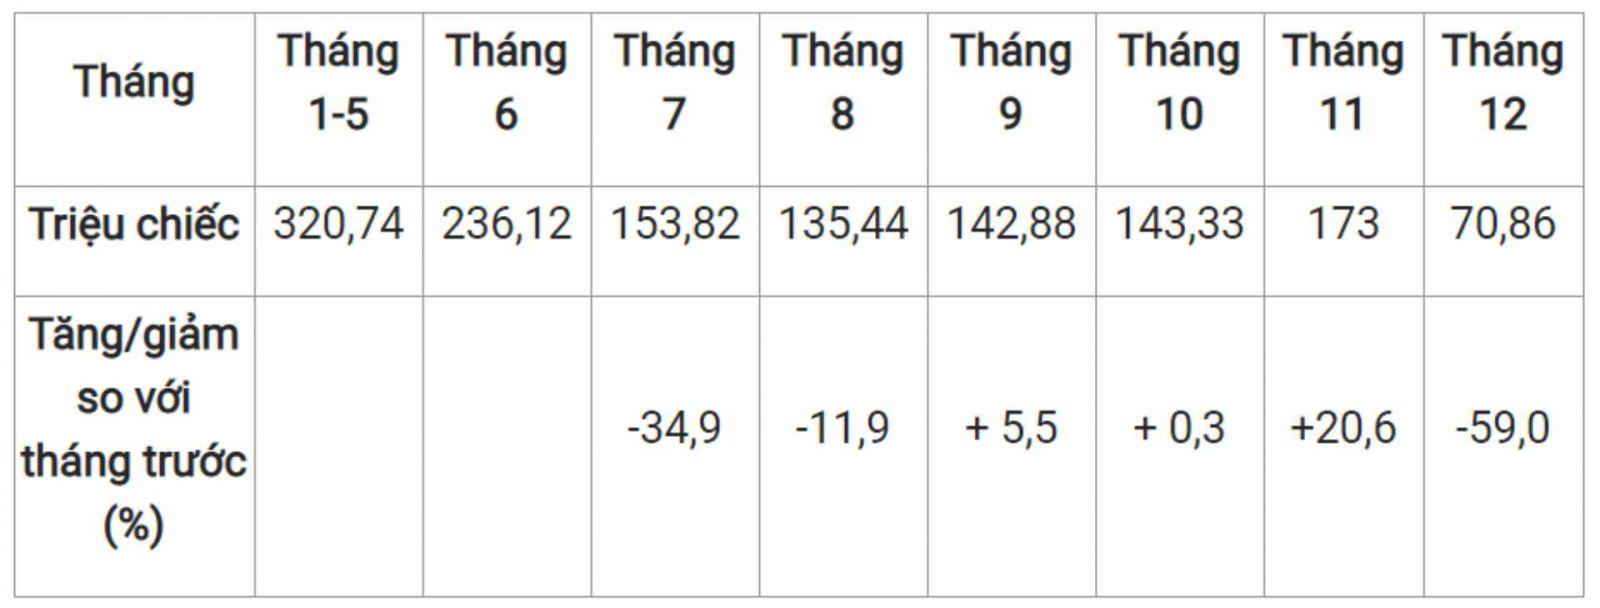 Năm 2020 Việt Nam xuất khẩu hơn  1,37 tỷ chiếc khẩu trang y tế